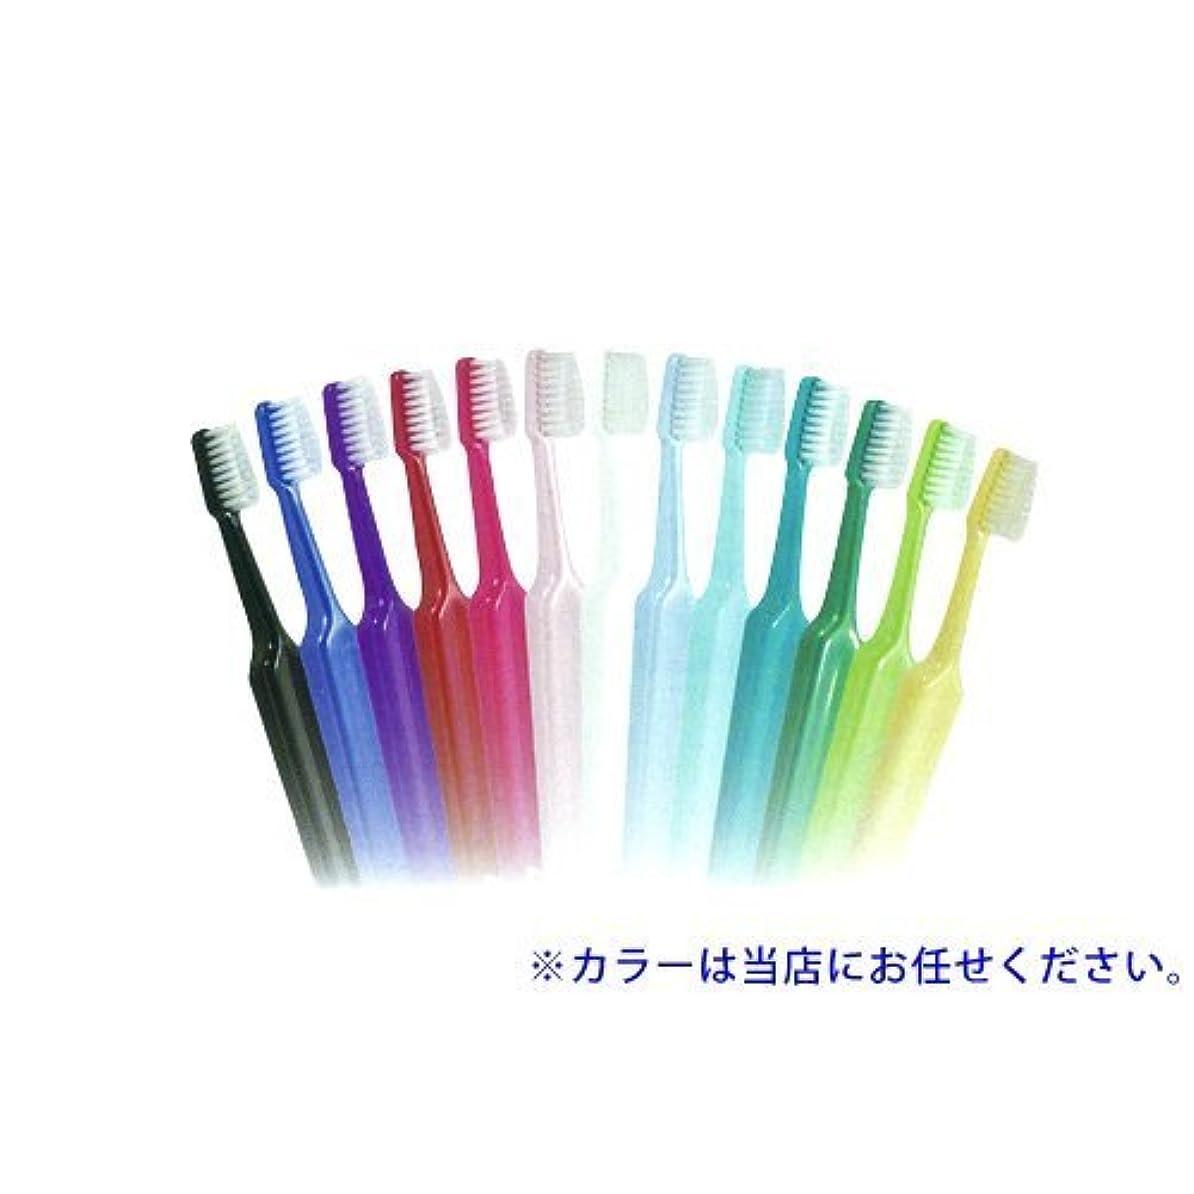 のり口径手紙を書くTepe歯ブラシ セレクトミニ/エクストラソフト 25本/箱